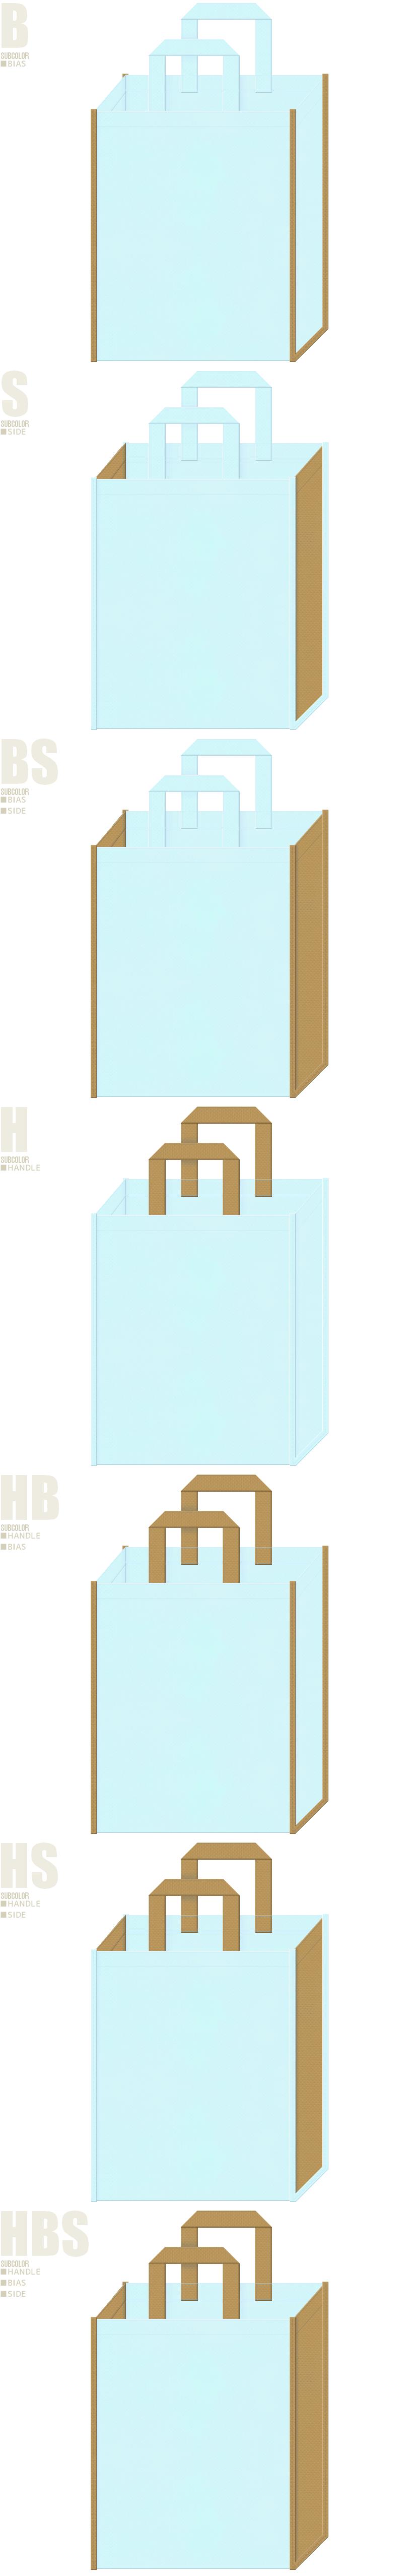 水色と金色系黄土色-7パターンの不織布トートバッグ配色デザイン例